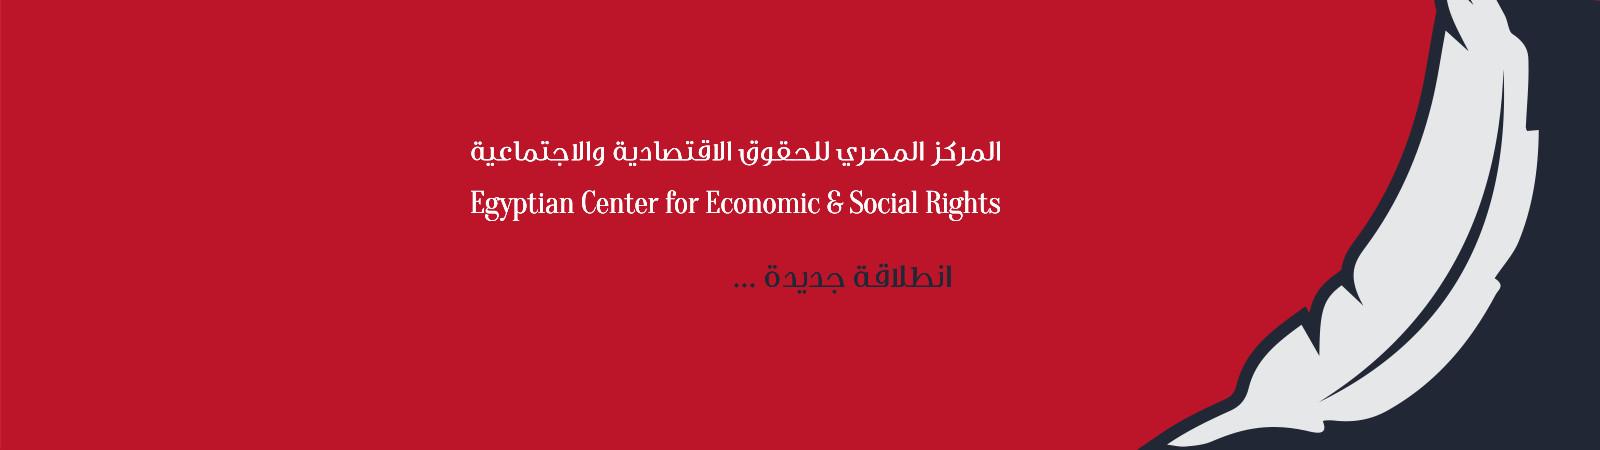 المركز المصرى للحقوق الاقتصادية و الاجتماعية - انطلاقة جديدة